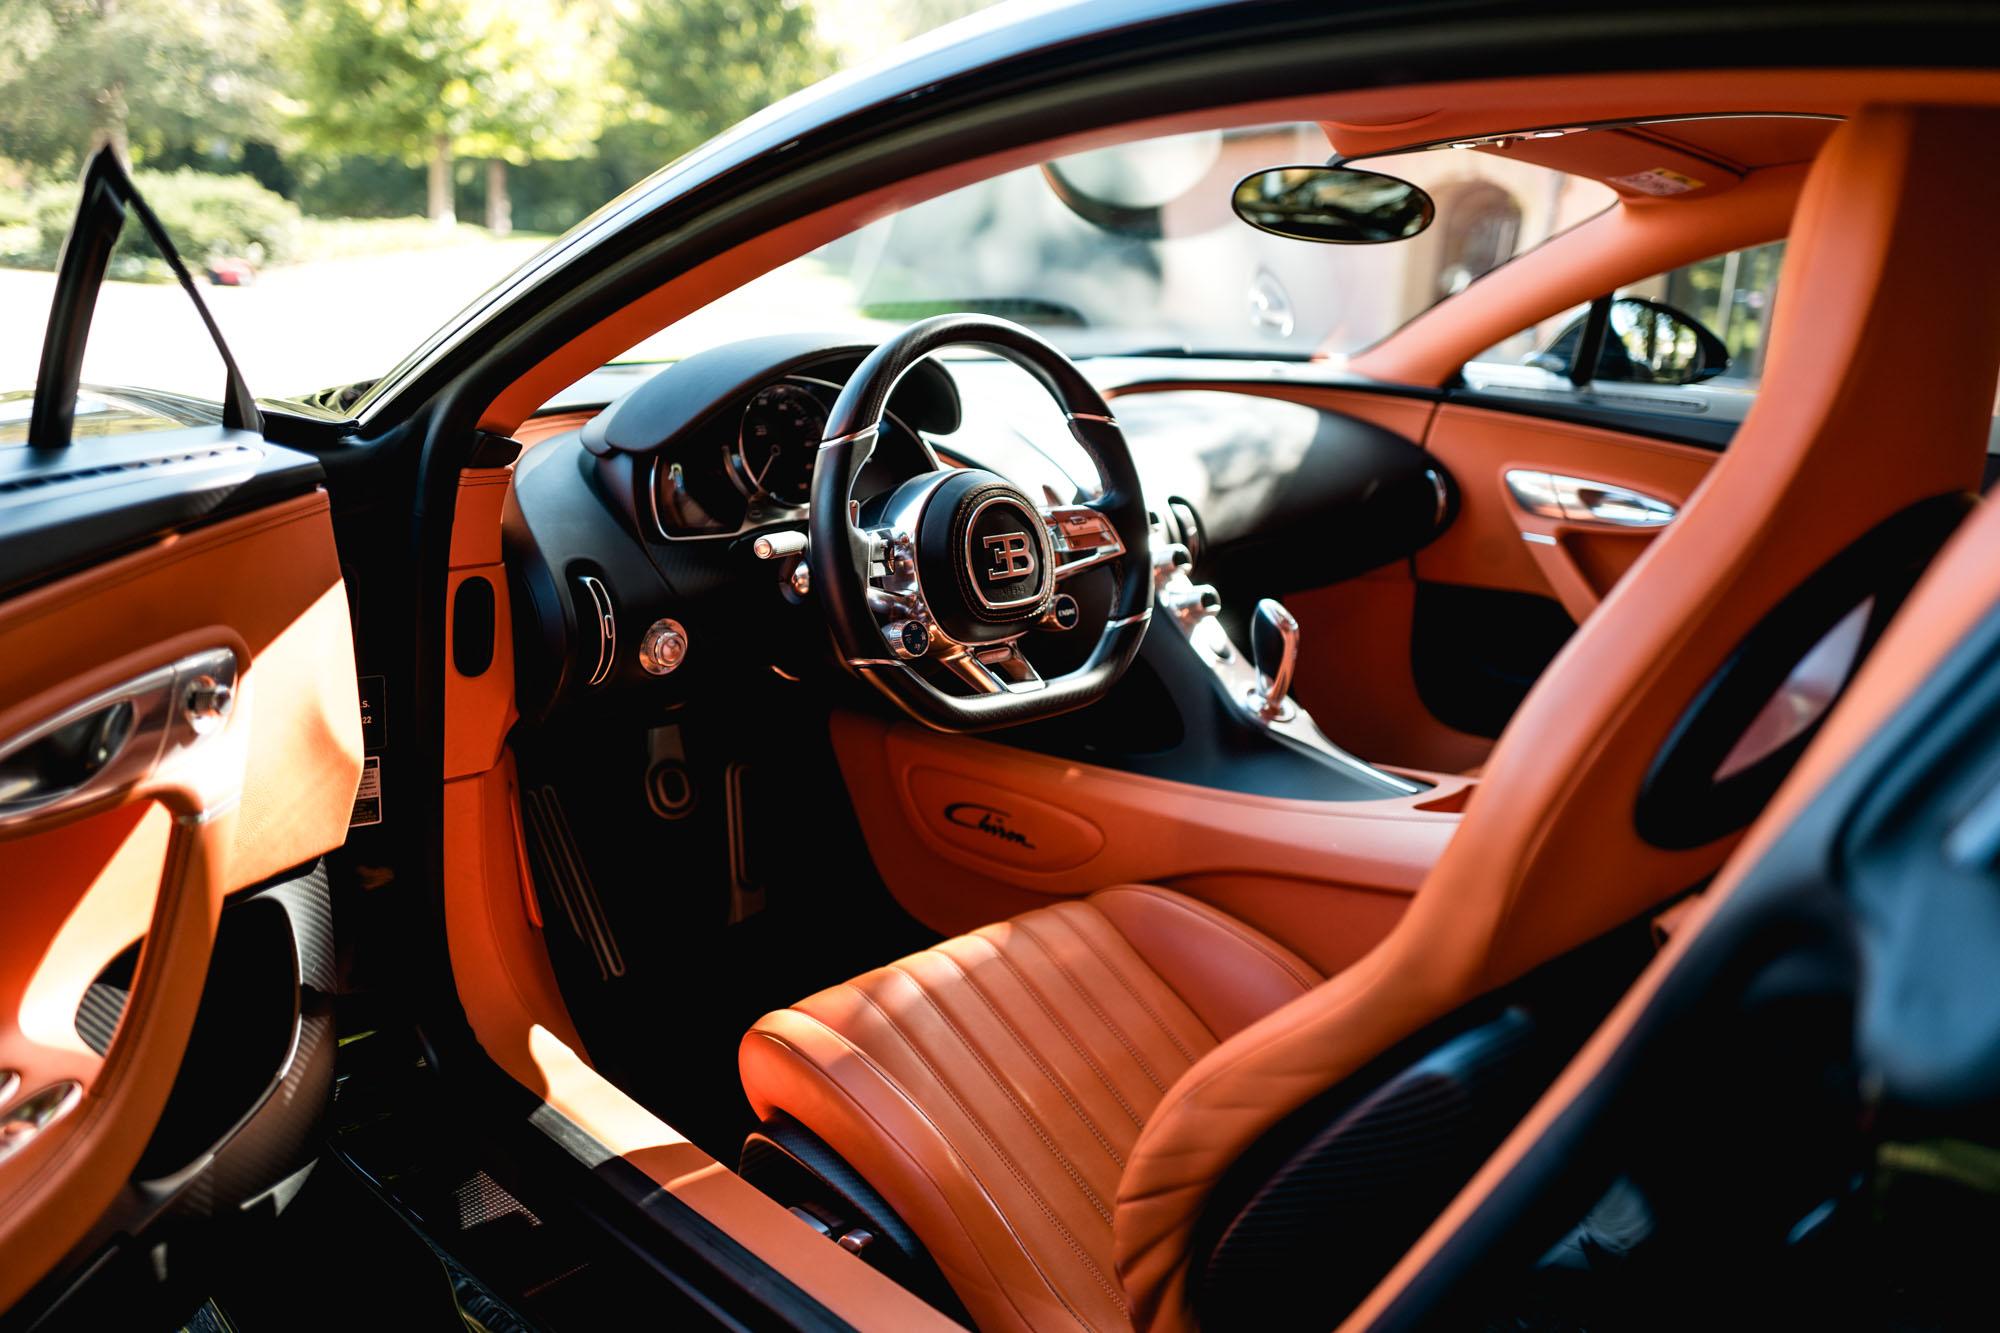 Ateliers Bugatti à Molsheim - Bugatti Chiron - Intérieur